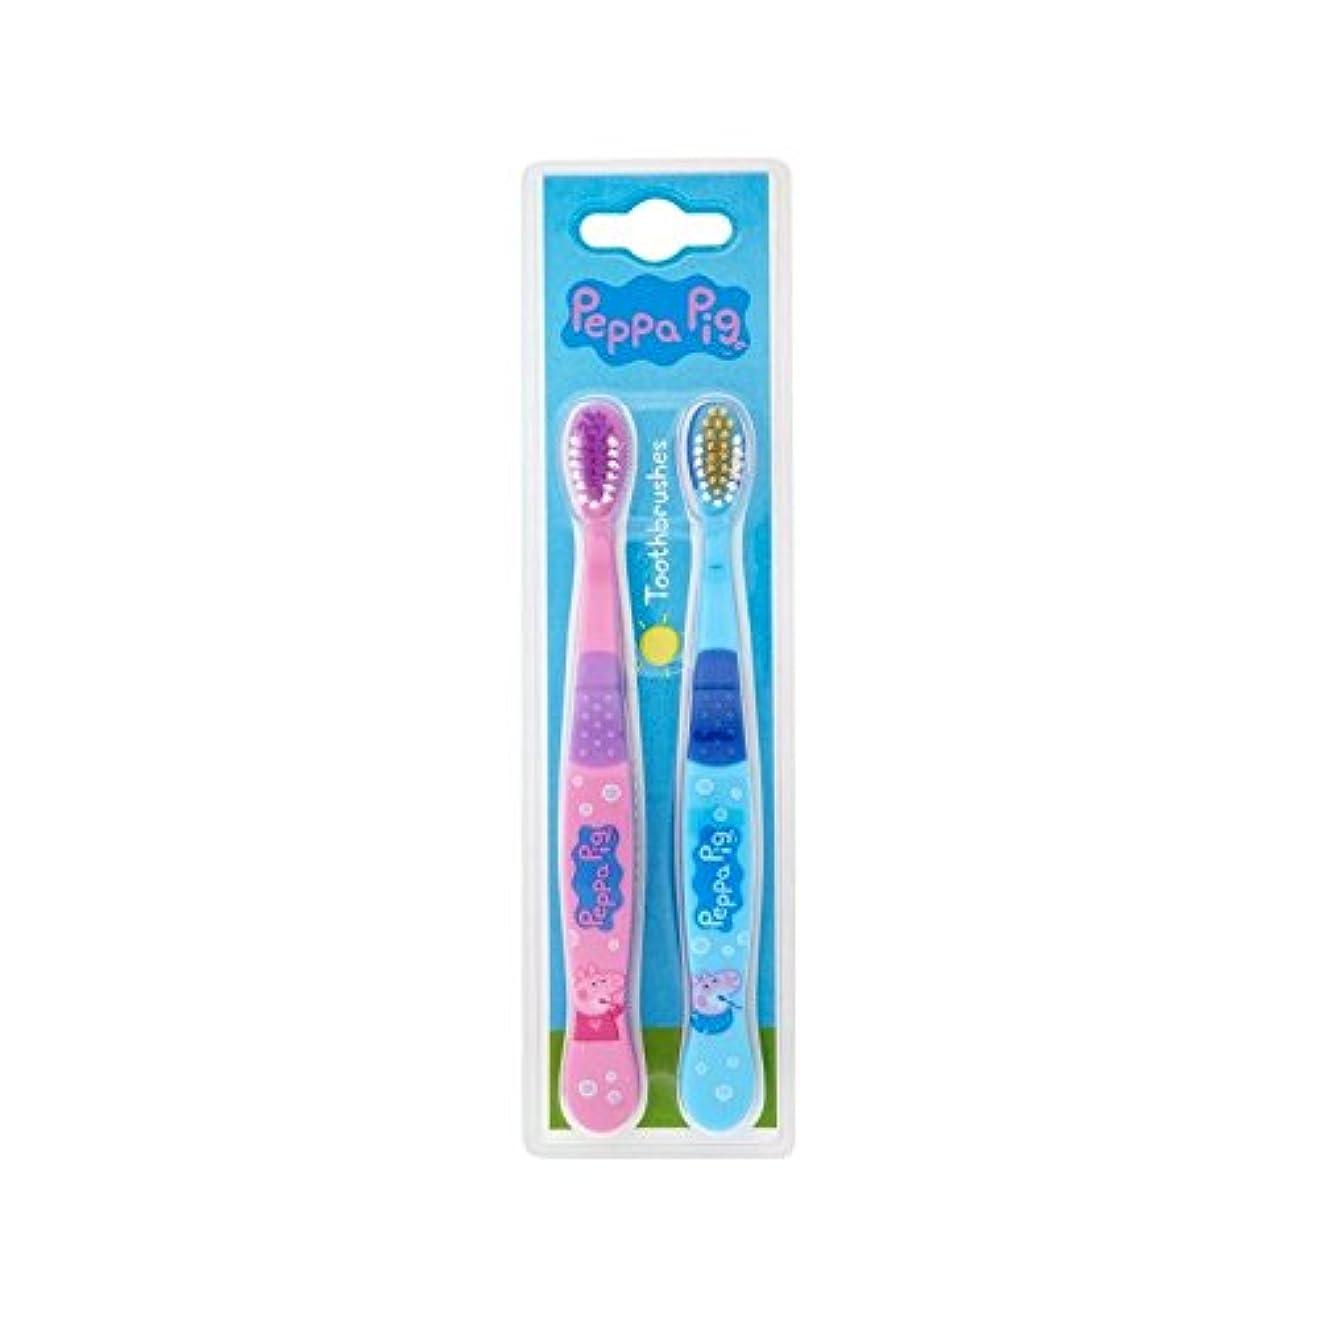 表示追加するテレマコス1パックツイン歯ブラシ2 (Peppa Pig) - Peppa Pig Twin Toothbrush 2 per pack [並行輸入品]